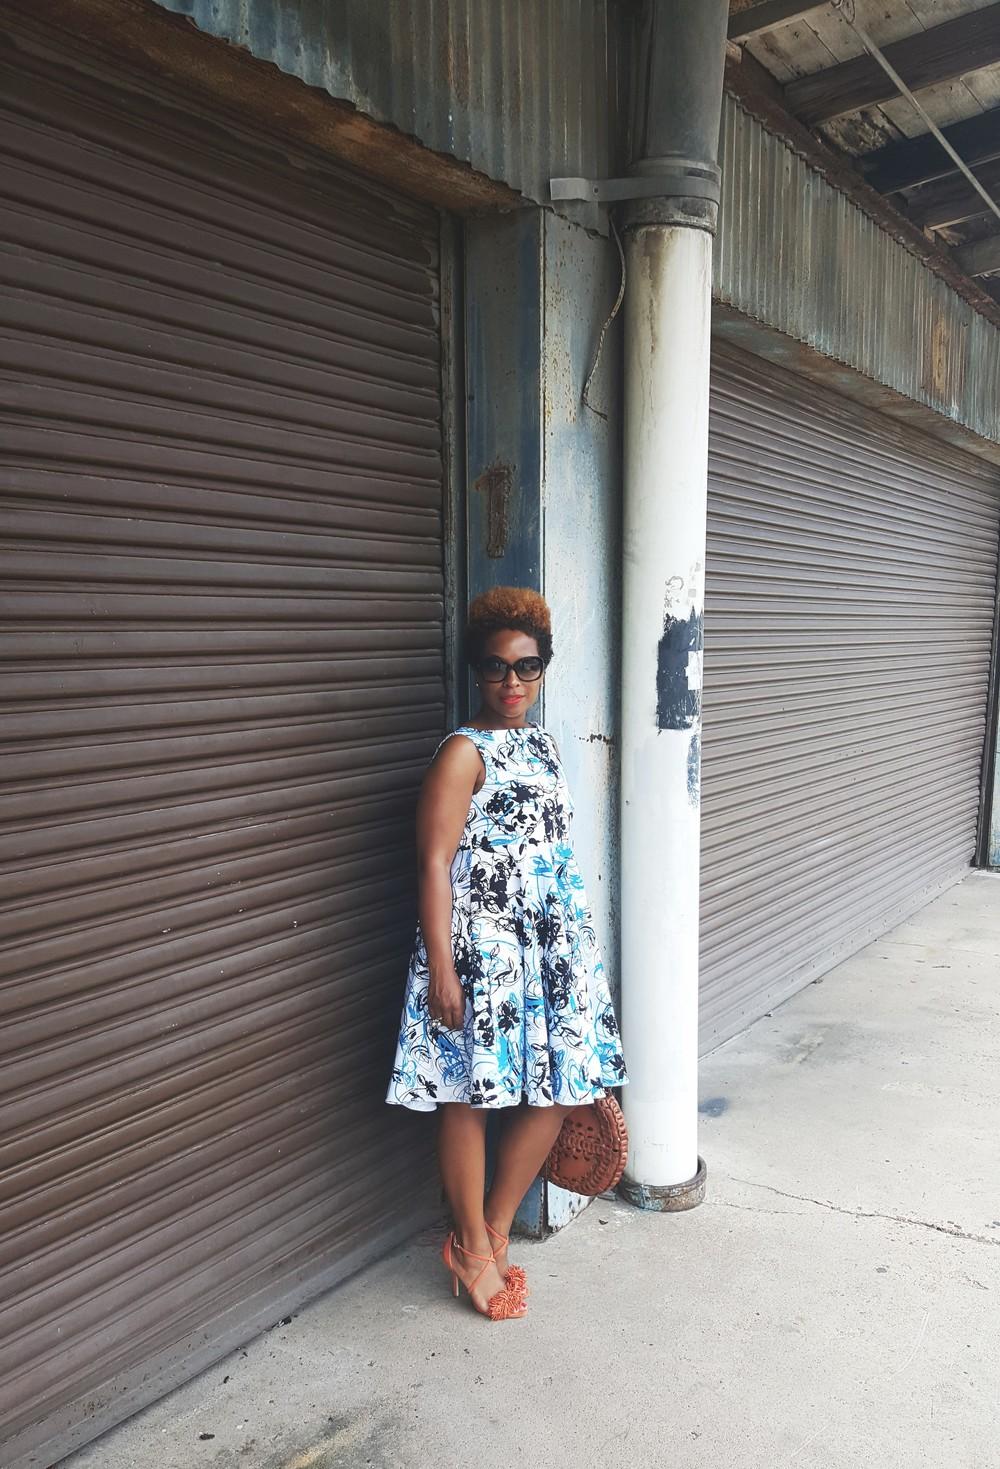 Dress: Vogue 1102